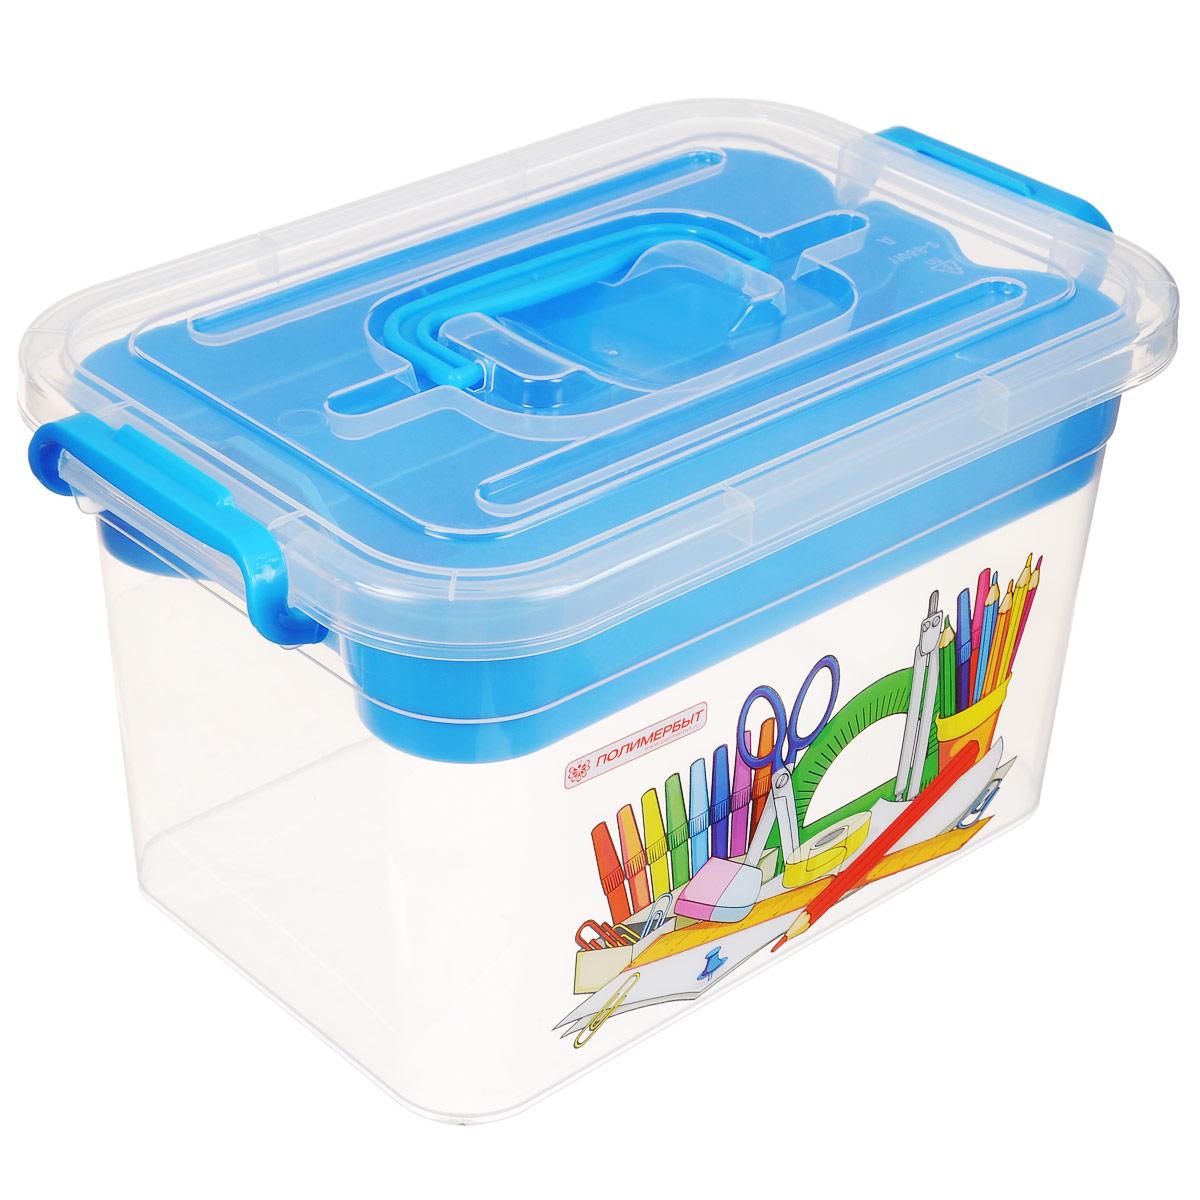 Контейнер Полимербыт Важные мелочи, с вкладышем, цвет: голубой, 6,5 лRG-D31SКонтейнер Полимербыт Важные мелочи выполнен из прозрачного пластика. Для удобства переноски сверху имеется ручка. Внутрь вставляется вкладыш голубого цвета с тремя отделениями. Контейнер плотно закрывается крышкой с защелками. В нем удобно хранить любые мелкие бытовые предметы: канцелярию, принадлежности для шитья и т.д.Контейнер Полимербыт Важные мелочи очень вместителен и поможет вам хранить все мелочи в одном месте.